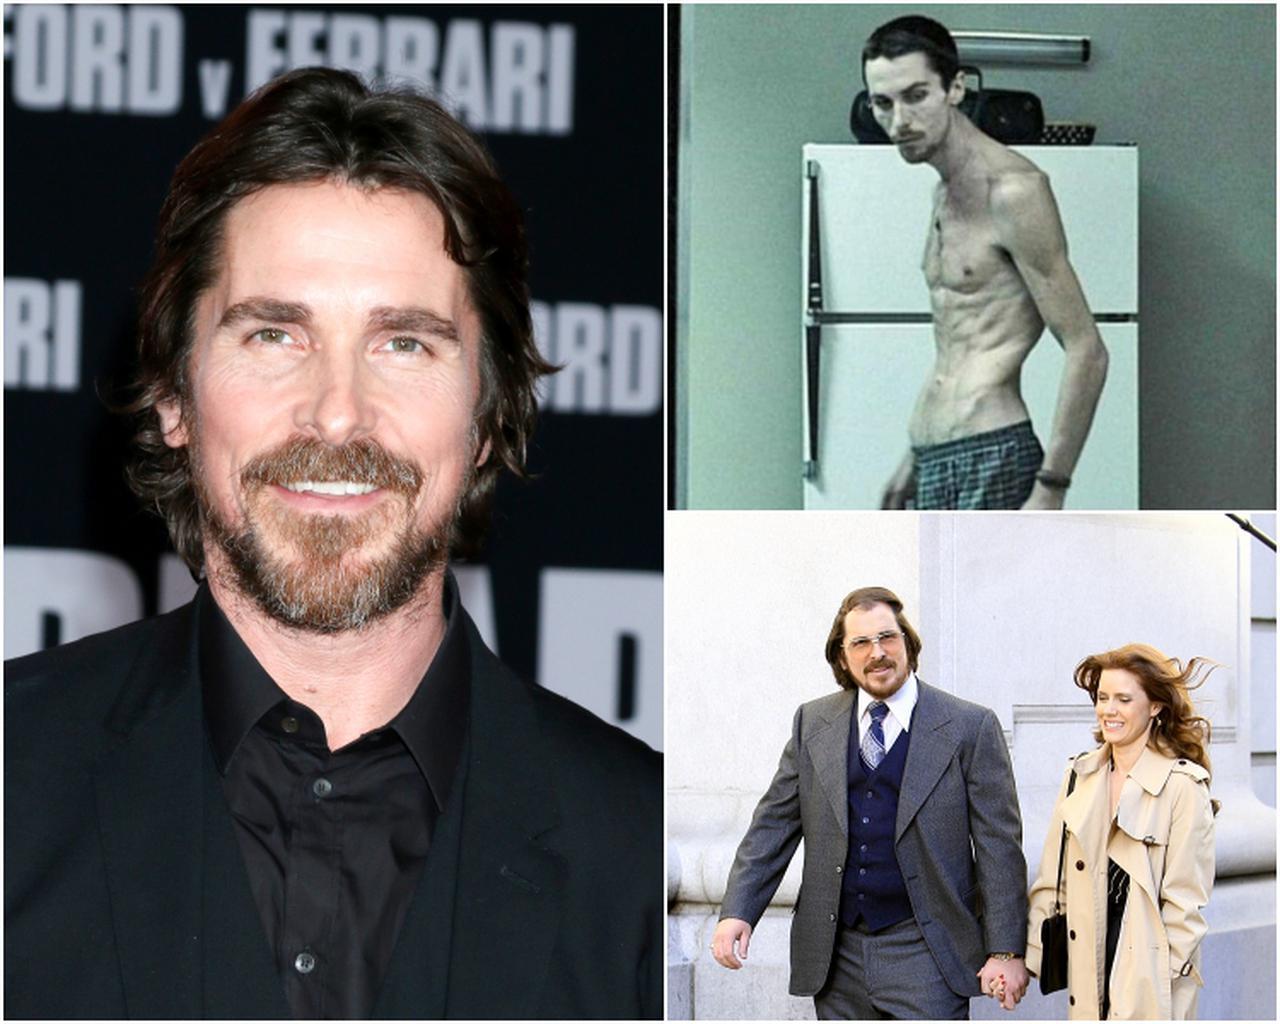 画像: 右上:映画『マシニスト』の場面写真 ©CASTELAO PRODUCTIONS /Album/Newscom、右下:映画『アメリカン・ハッスル』の撮影中の様子。